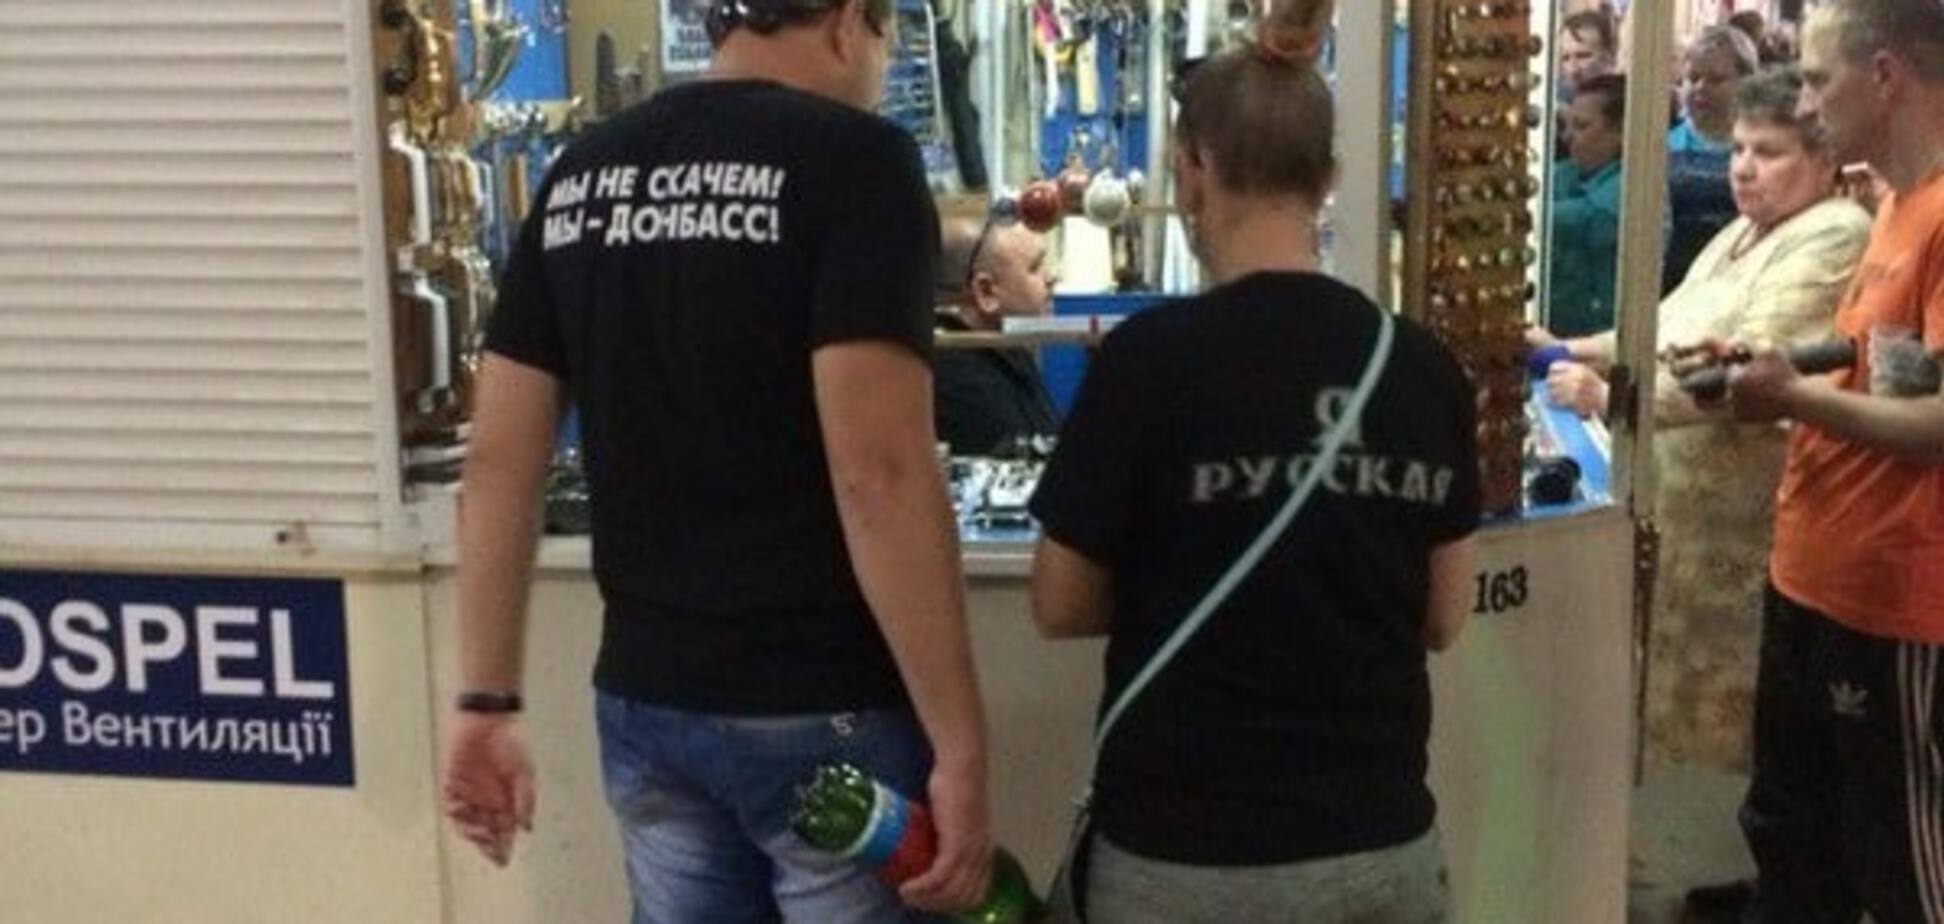 Асфальт в лужах и 'народное' пиво: журналист показал будни 'русского' Донбасса. Опубликованы фото